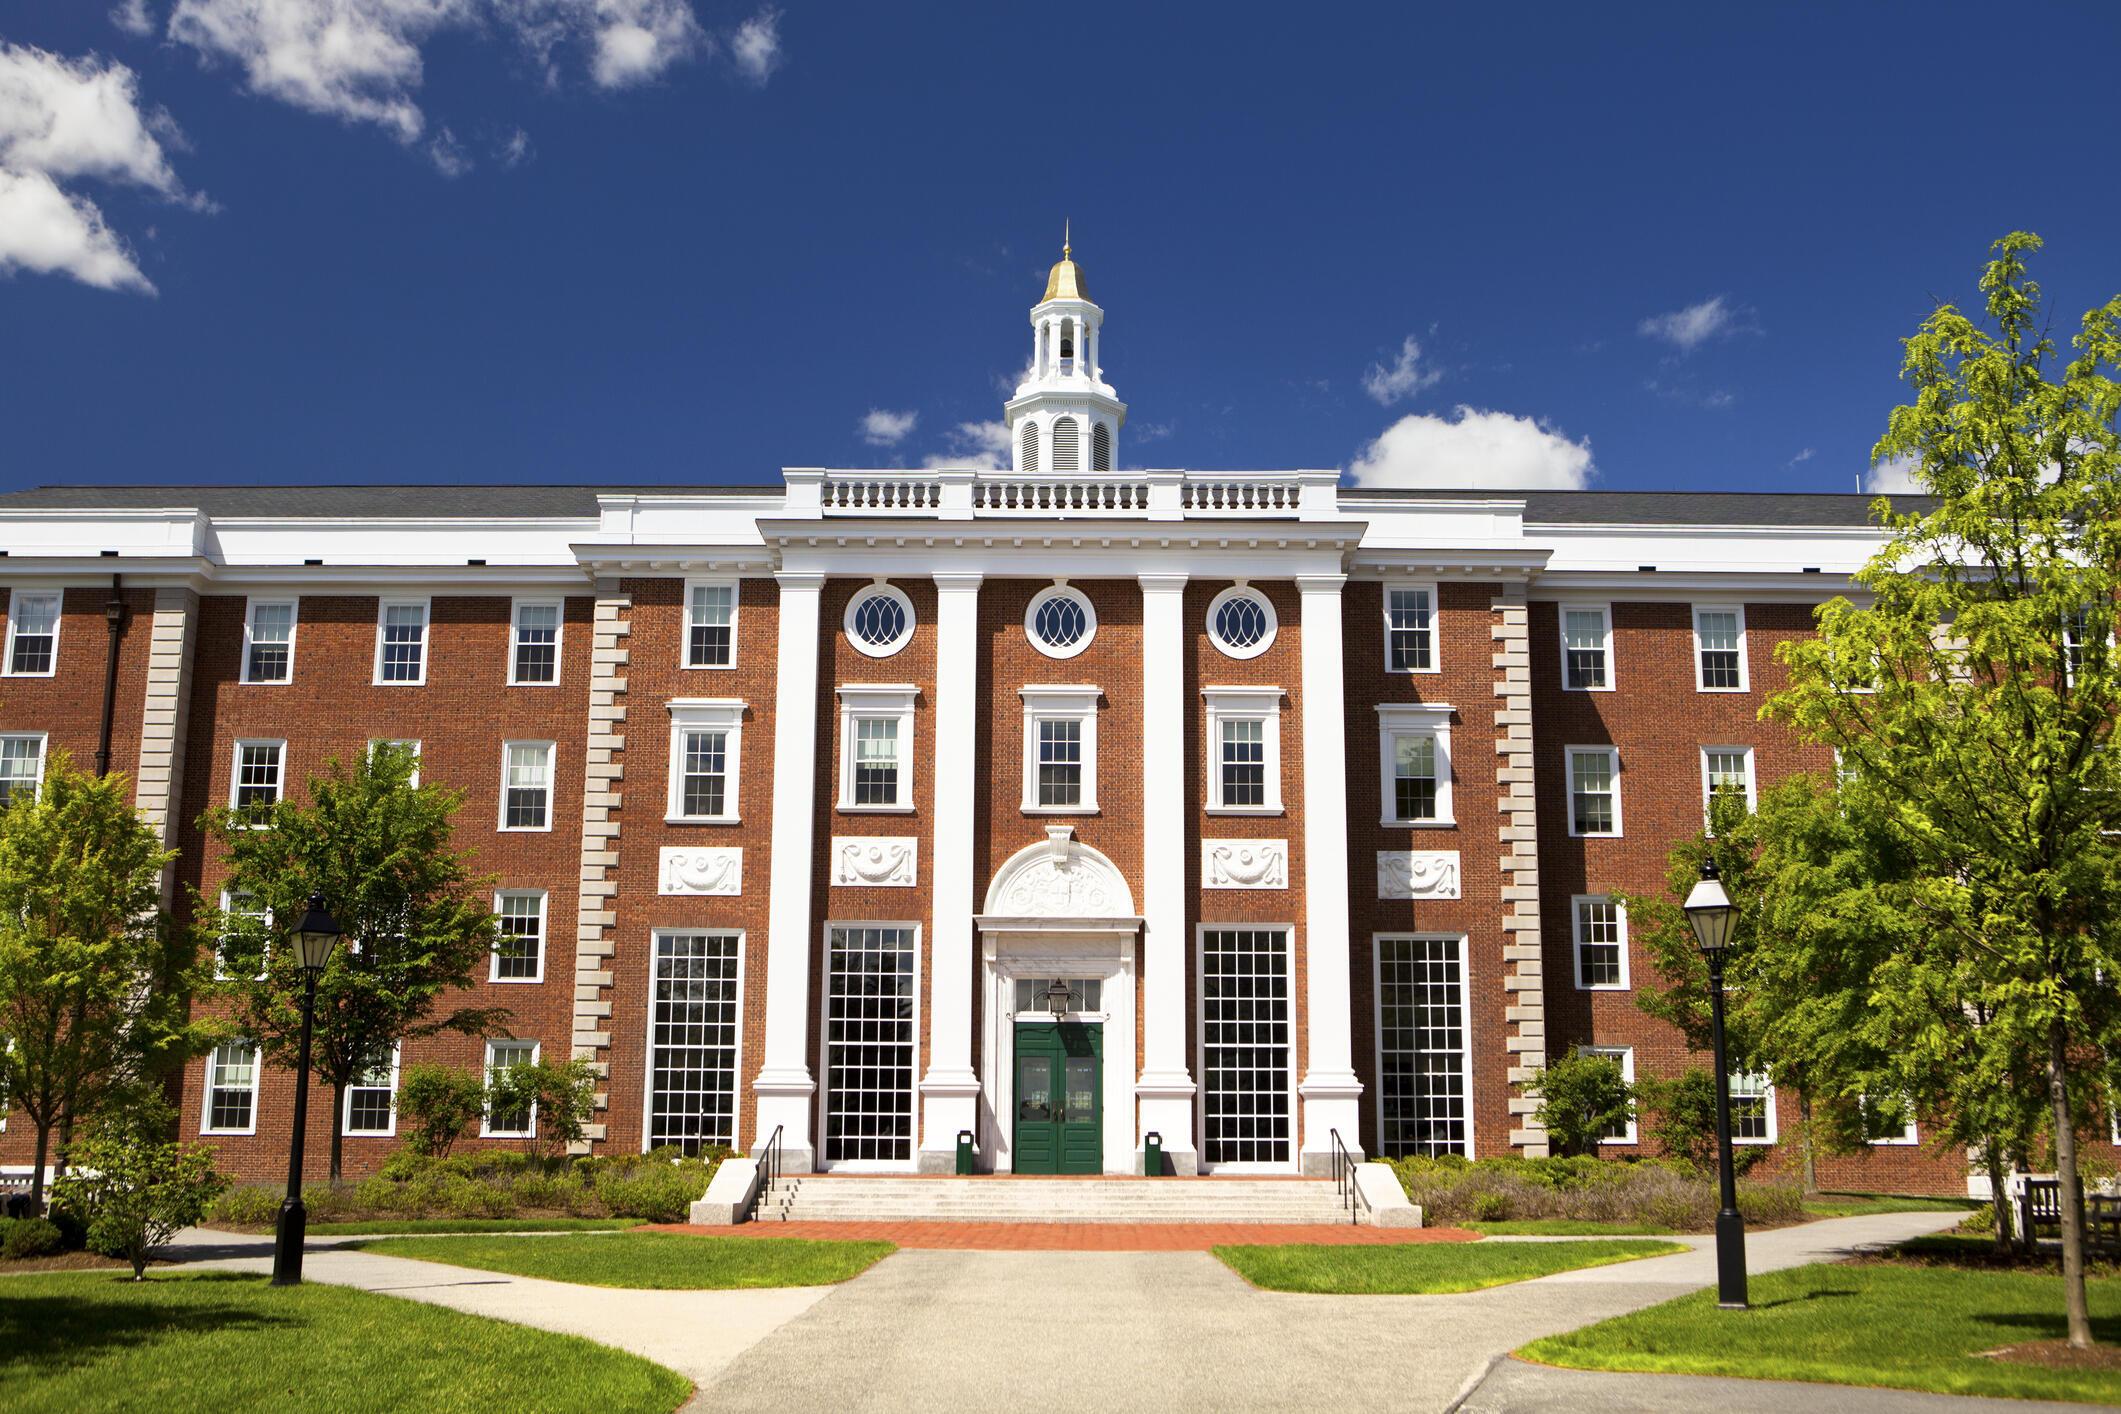 En 2013, Harvard admitió un 19% de estudiantes de origen asiático, pero si no hubiera aplicado criterios raciales habrían sido un 26%.